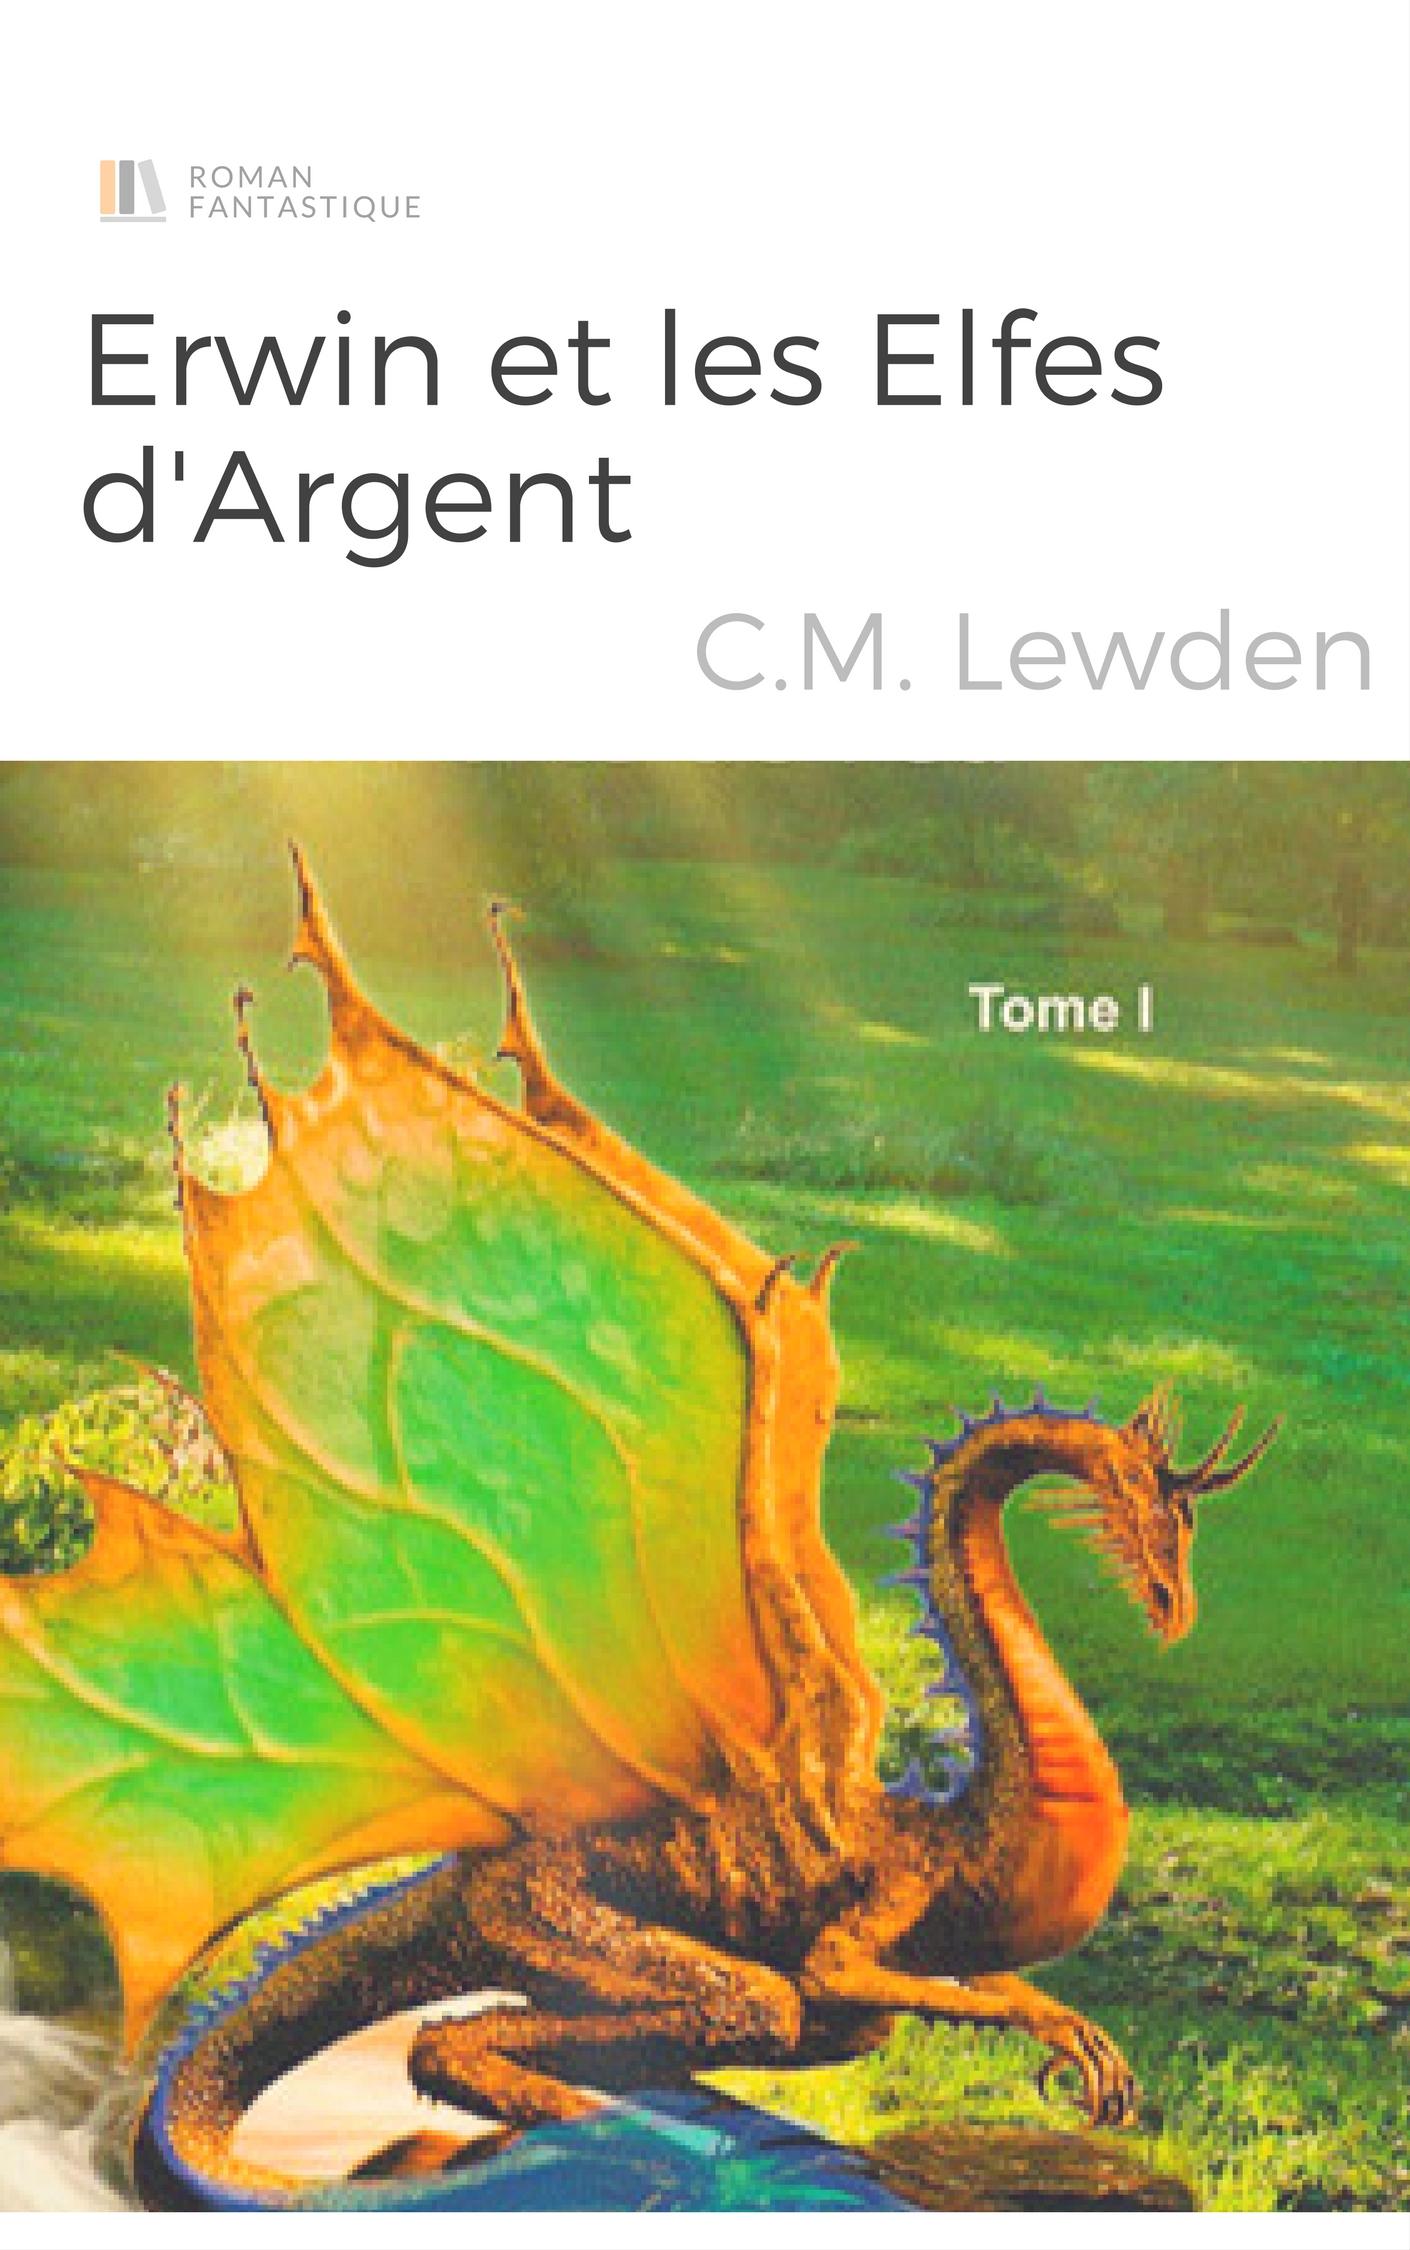 cover test - erwin et les elfes d'argent - c m lewden (image la porte de feu)